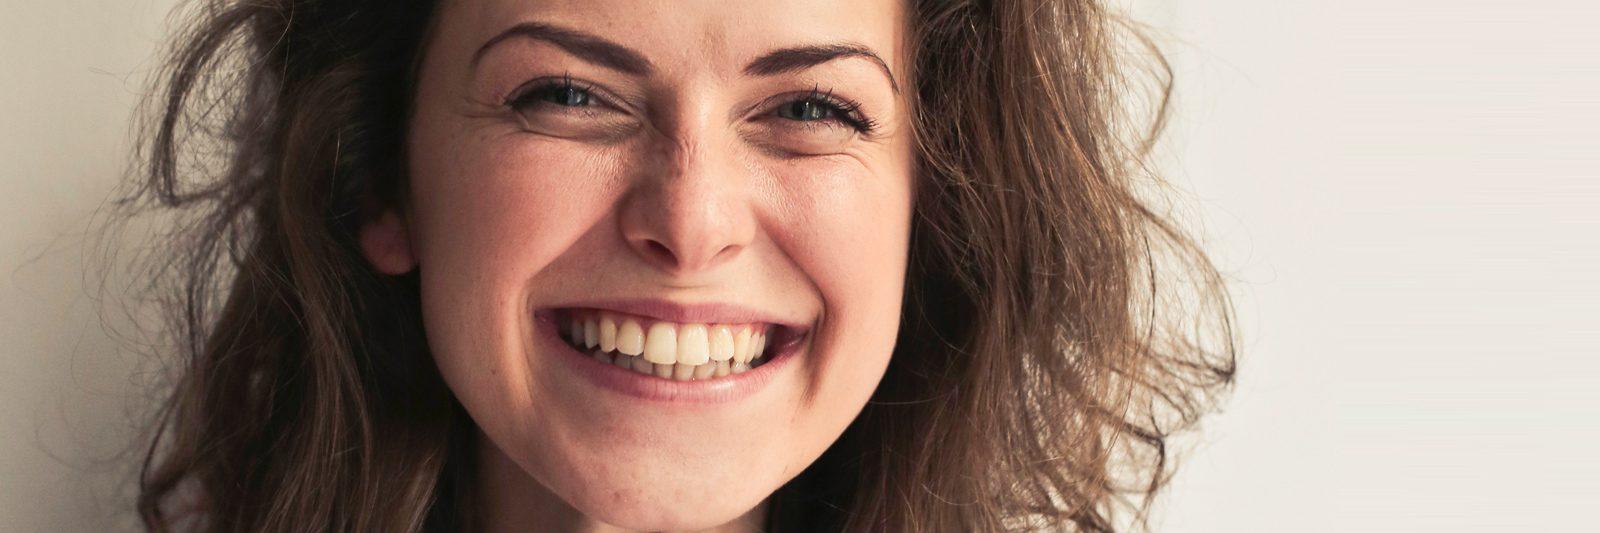 Tandbro designet og fremstillet i keramik ligner ægte naturlige tænder